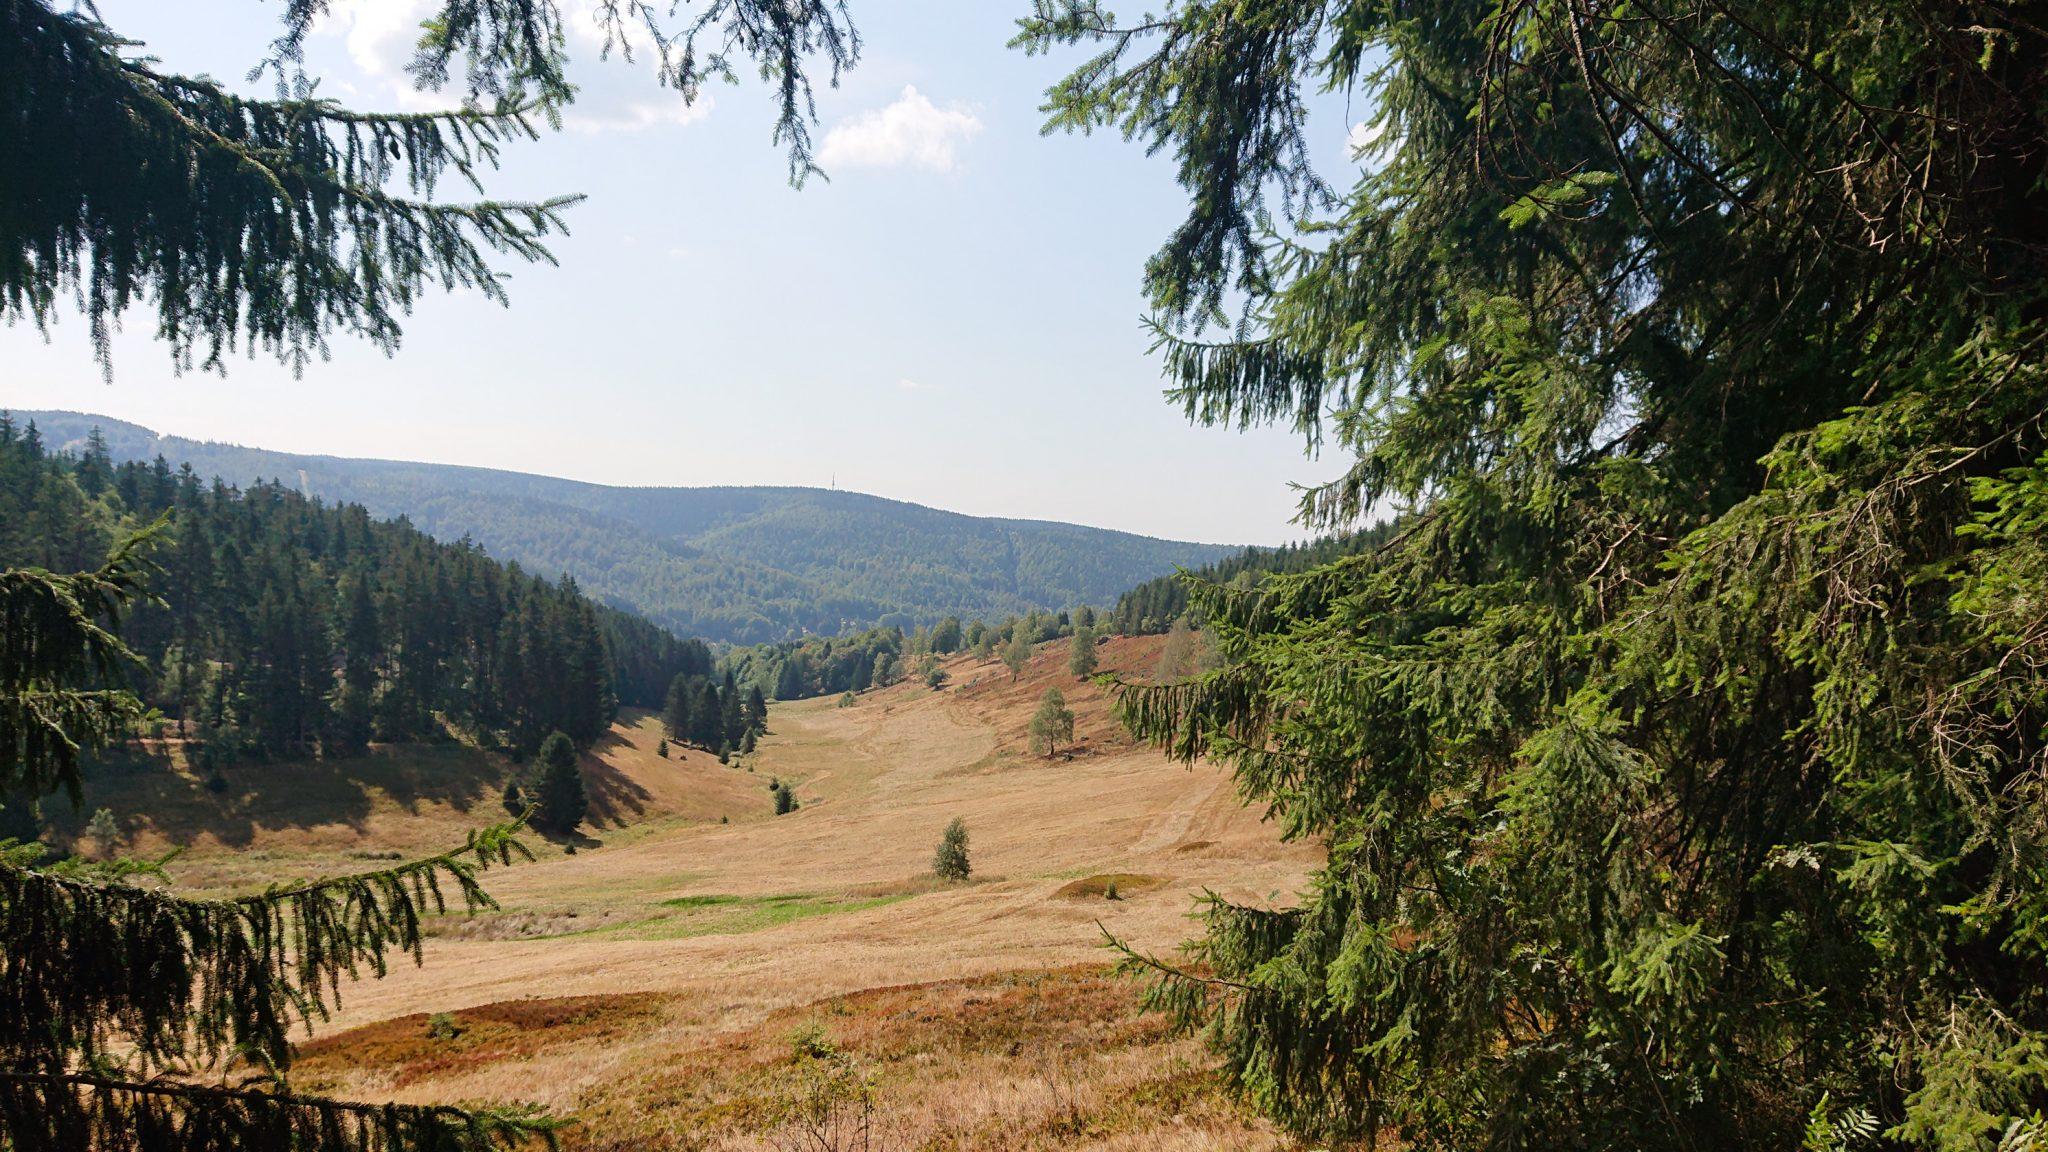 Großer Beerberg Schneekopf und Teufelskanzel, Gipfeltour Wanderung im Thüringer Wald